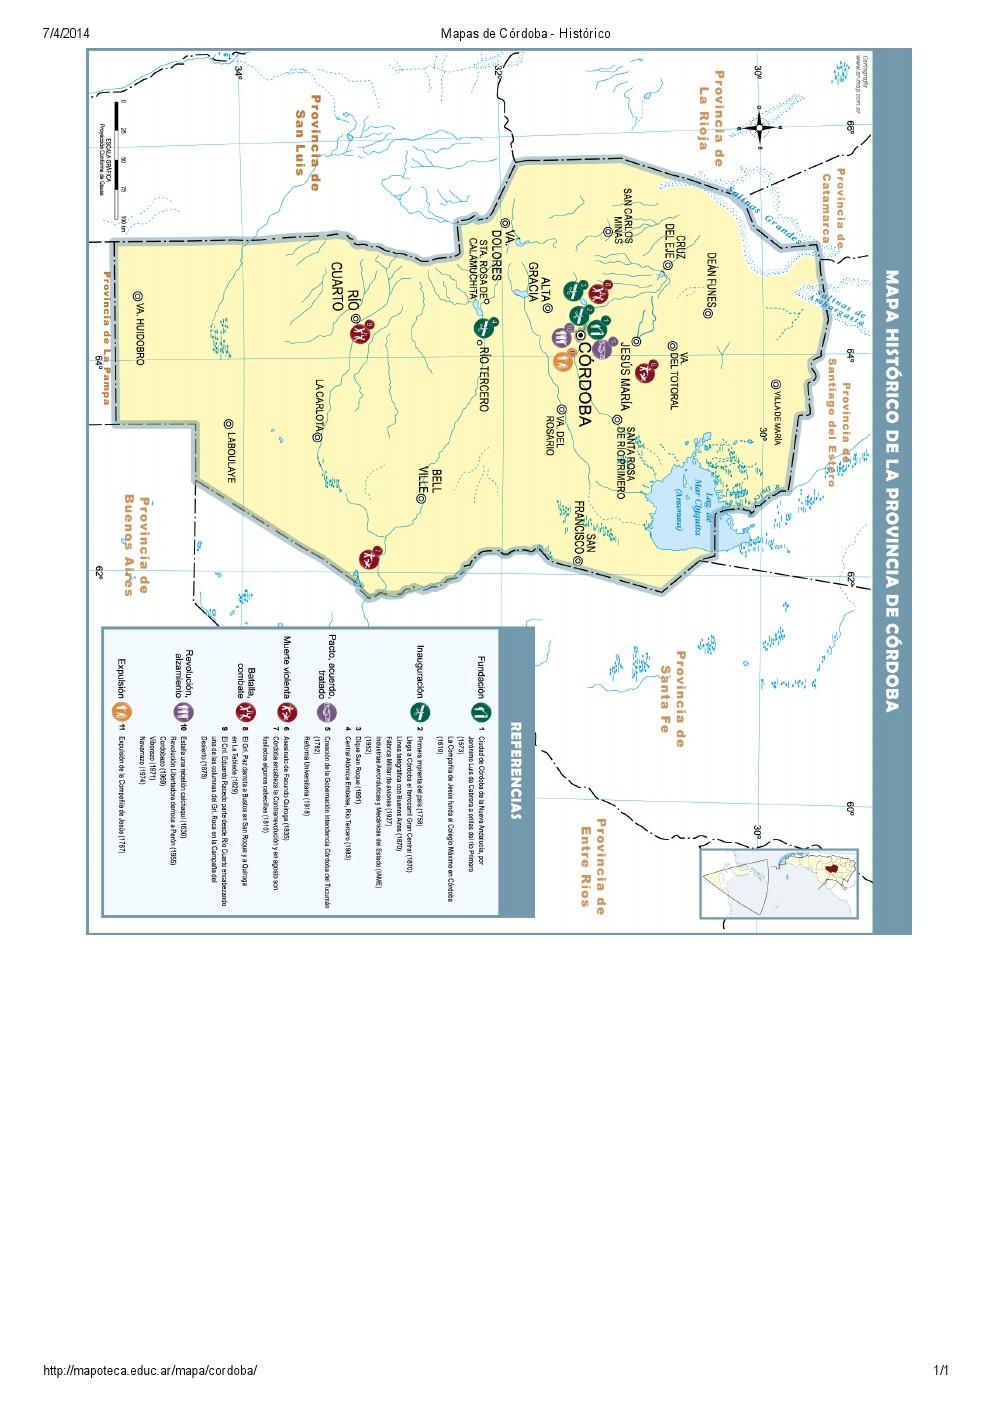 Mapa histórico de Córdoba. Mapoteca de Educ.ar